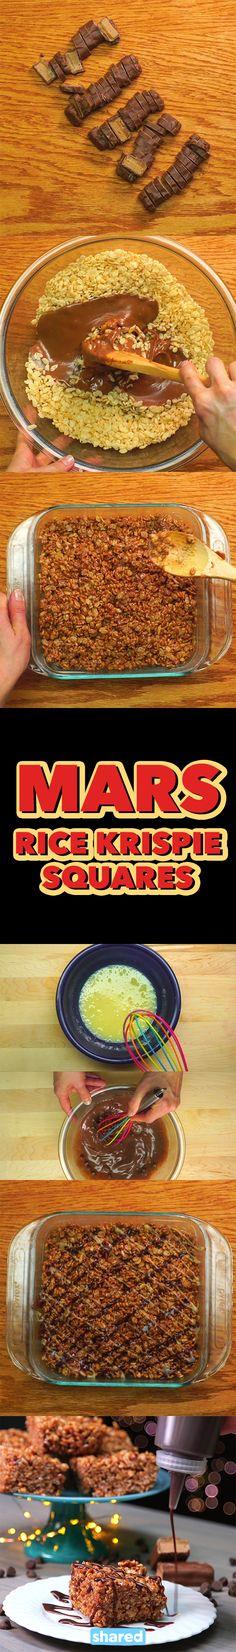 Mars Rice Krispie Squares